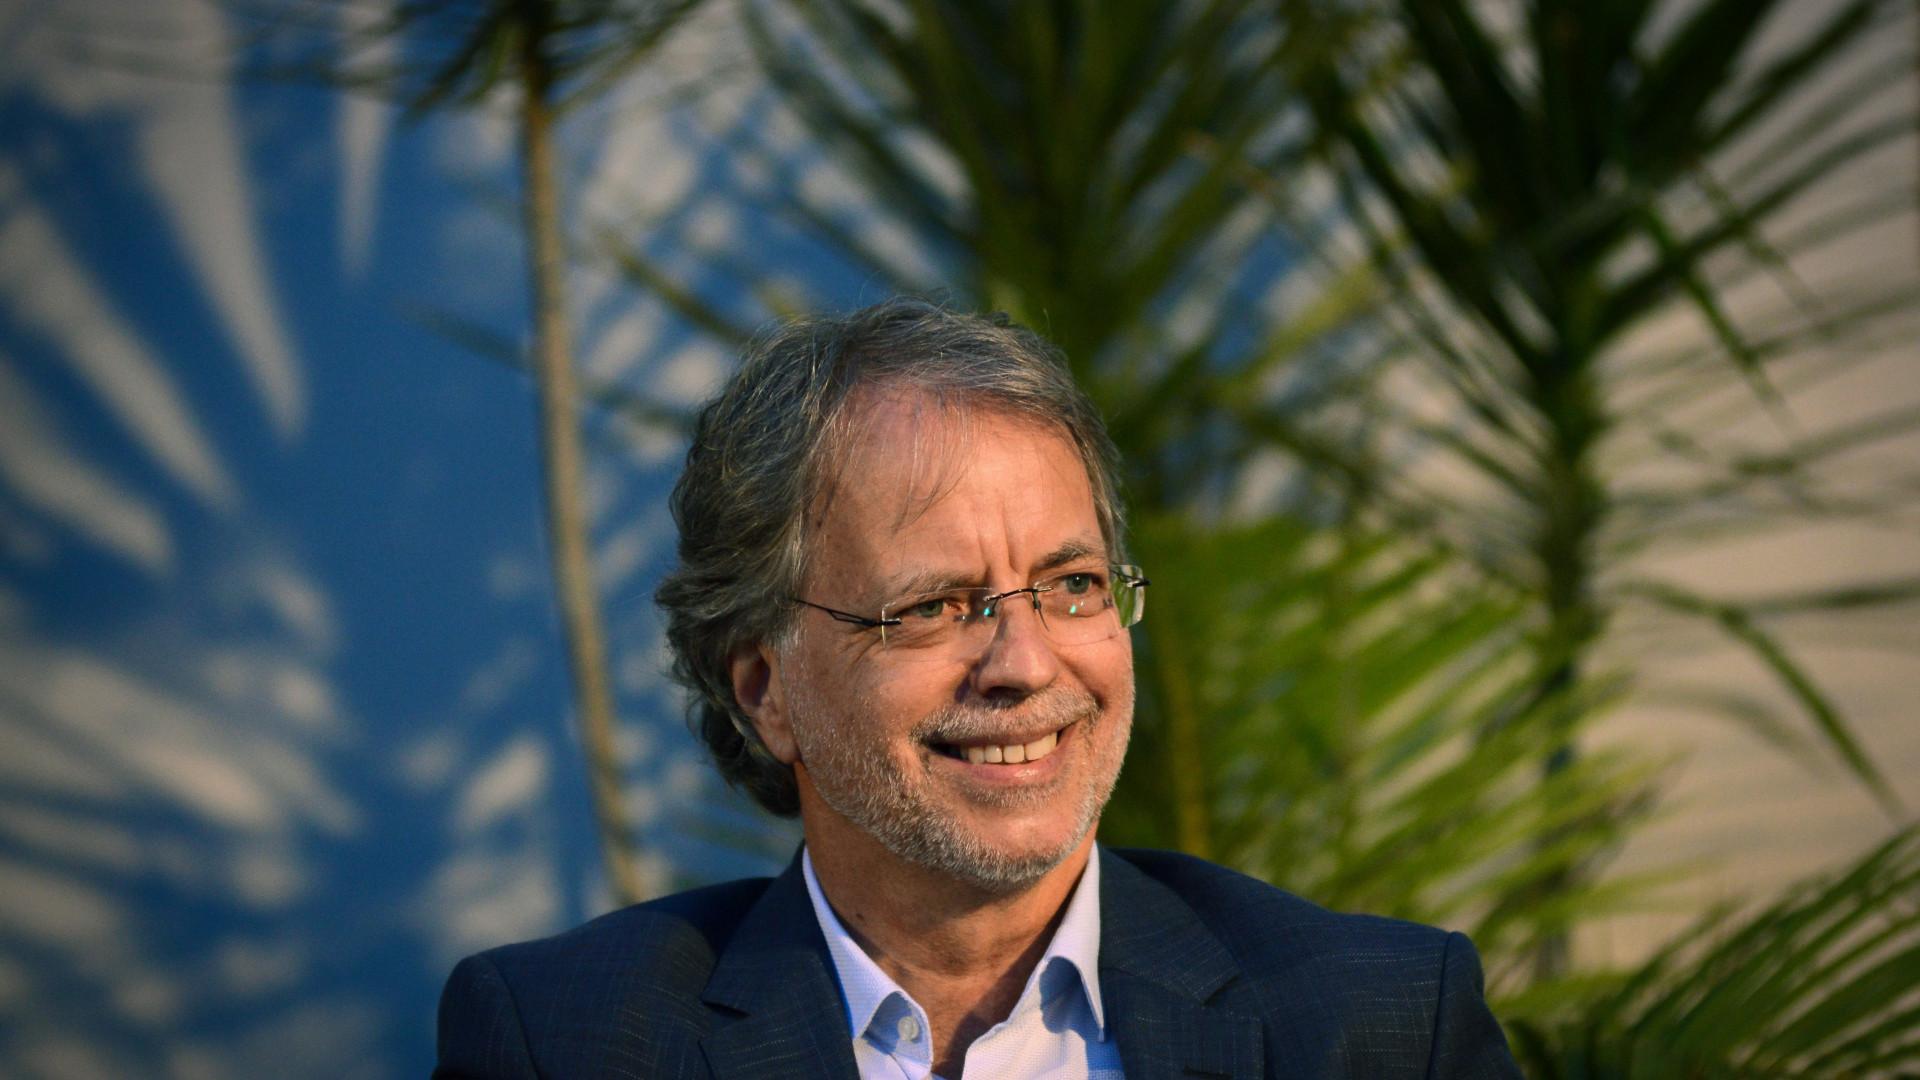 Mia Couto defendeu estratégia de dinamismo para promoção do Prémio Camões